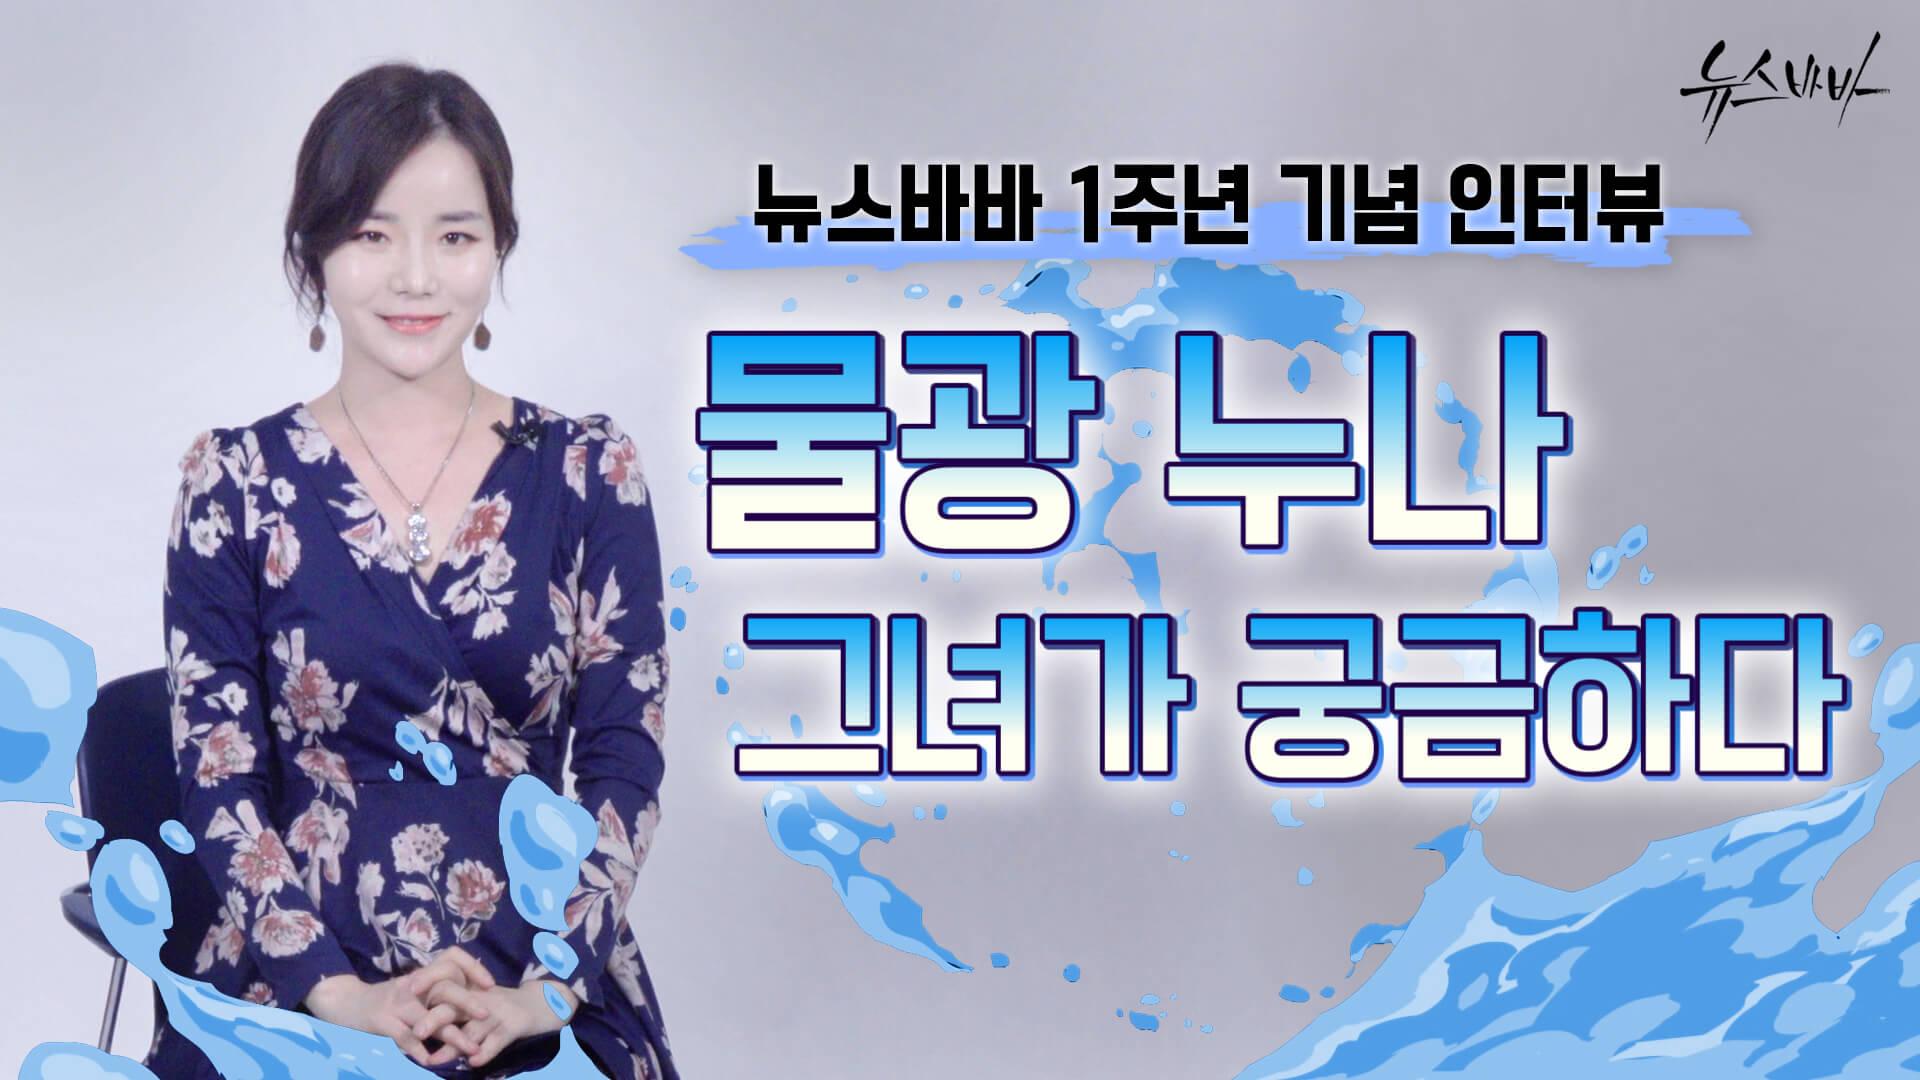 [뉴스바바 1주년 특집] 물광 누